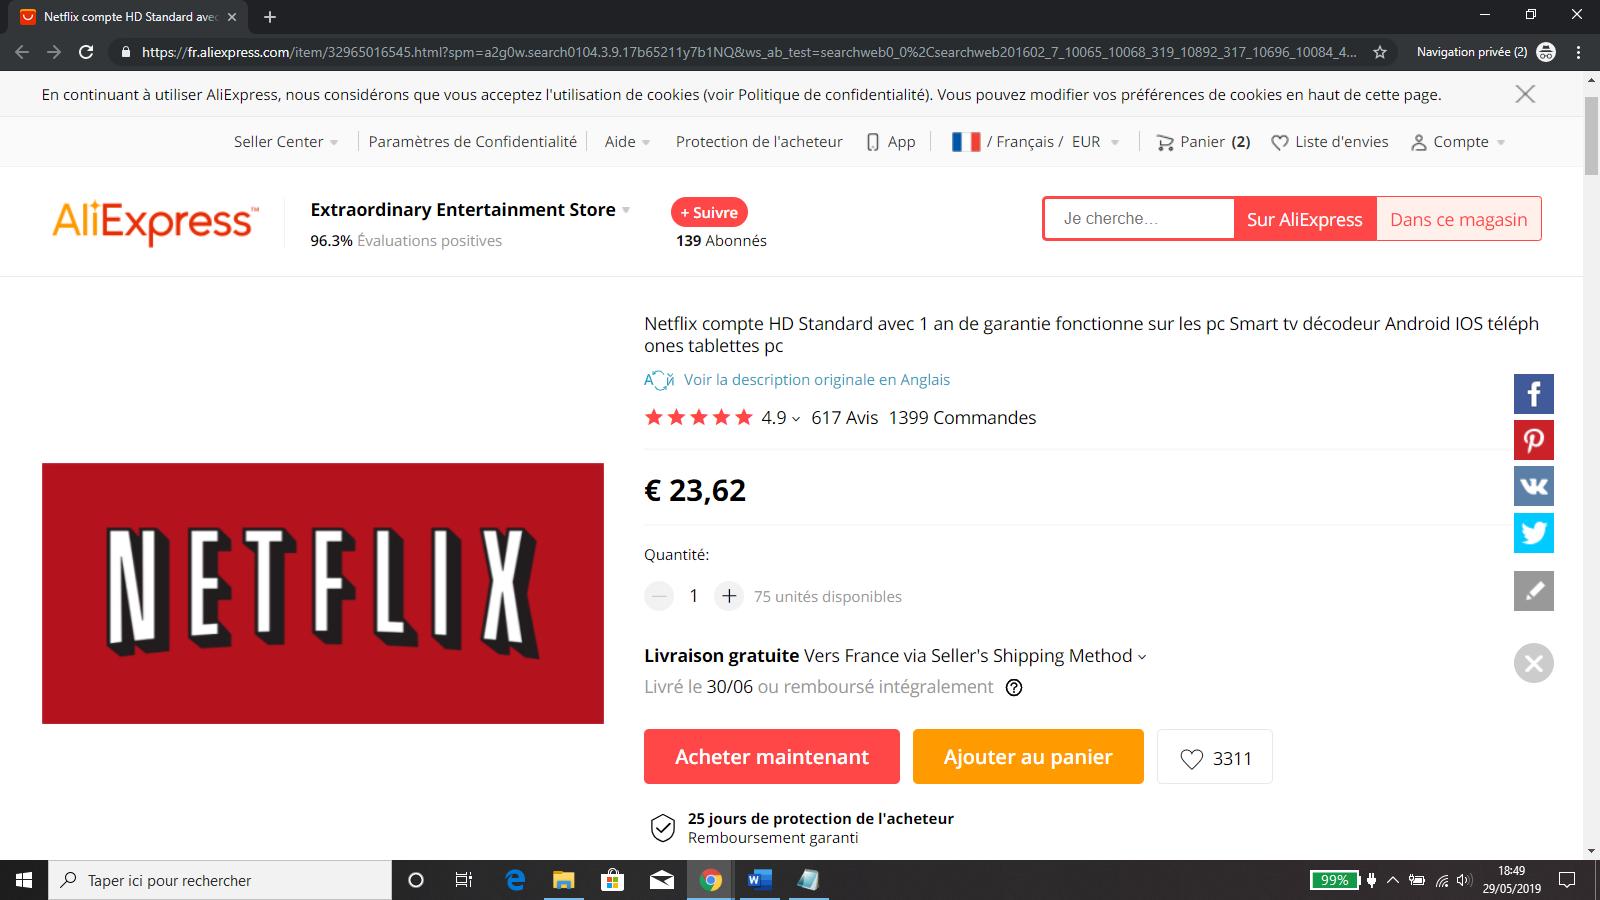 Bon Plan: Promo 1 an Netflix à 23 € Sur Aliexpress